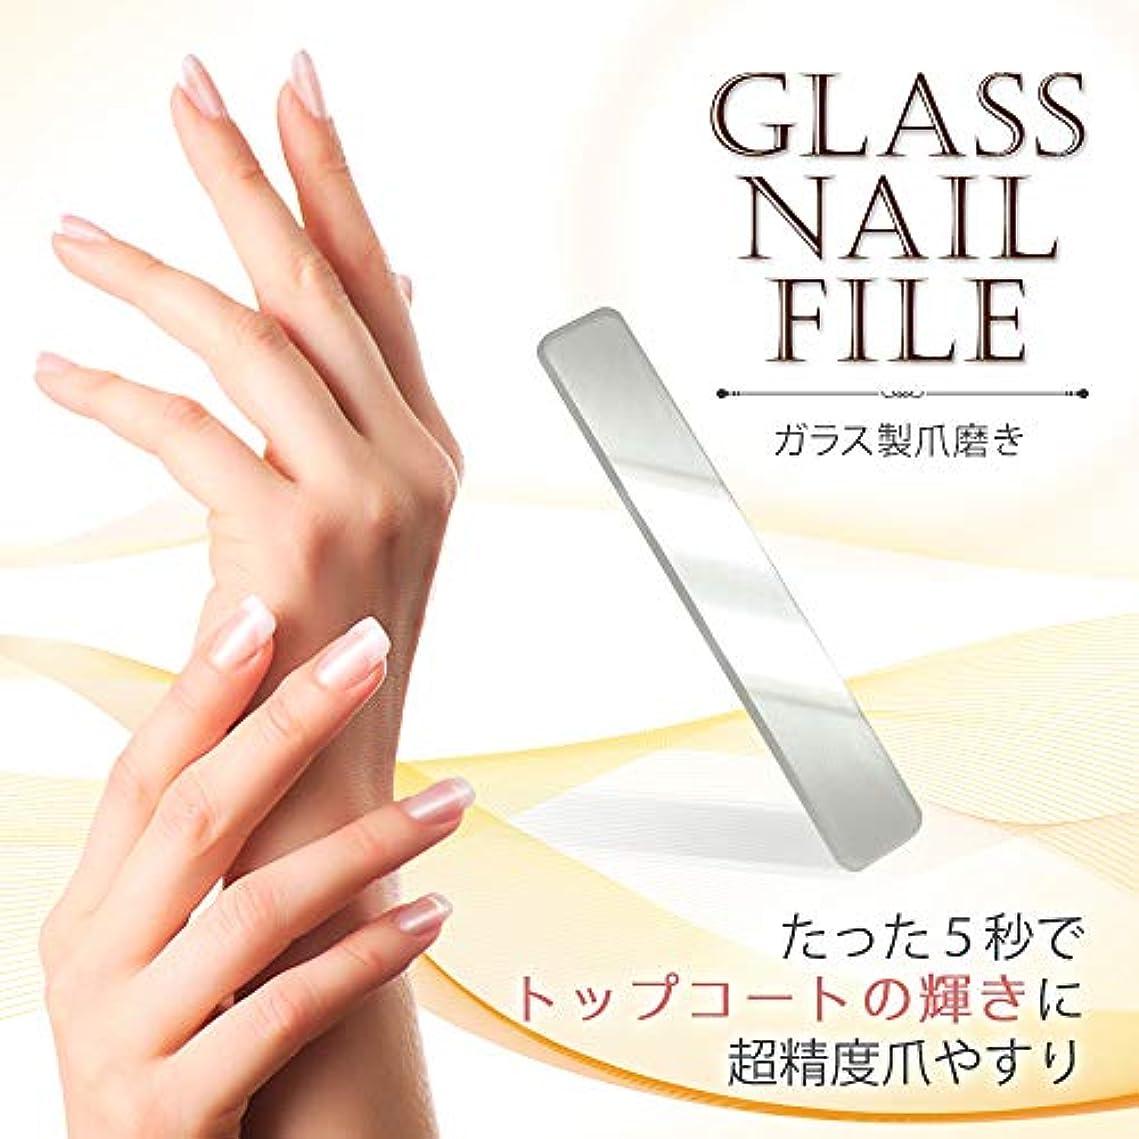 ドナーガロン円周5秒で実感 Glass Nail File (ガラス製 爪やすり 爪みがき つめみがき 爪磨き ネイルファイル ネイルシャイナー グラスシャイナー バッファー ネイルケア 爪ケア)